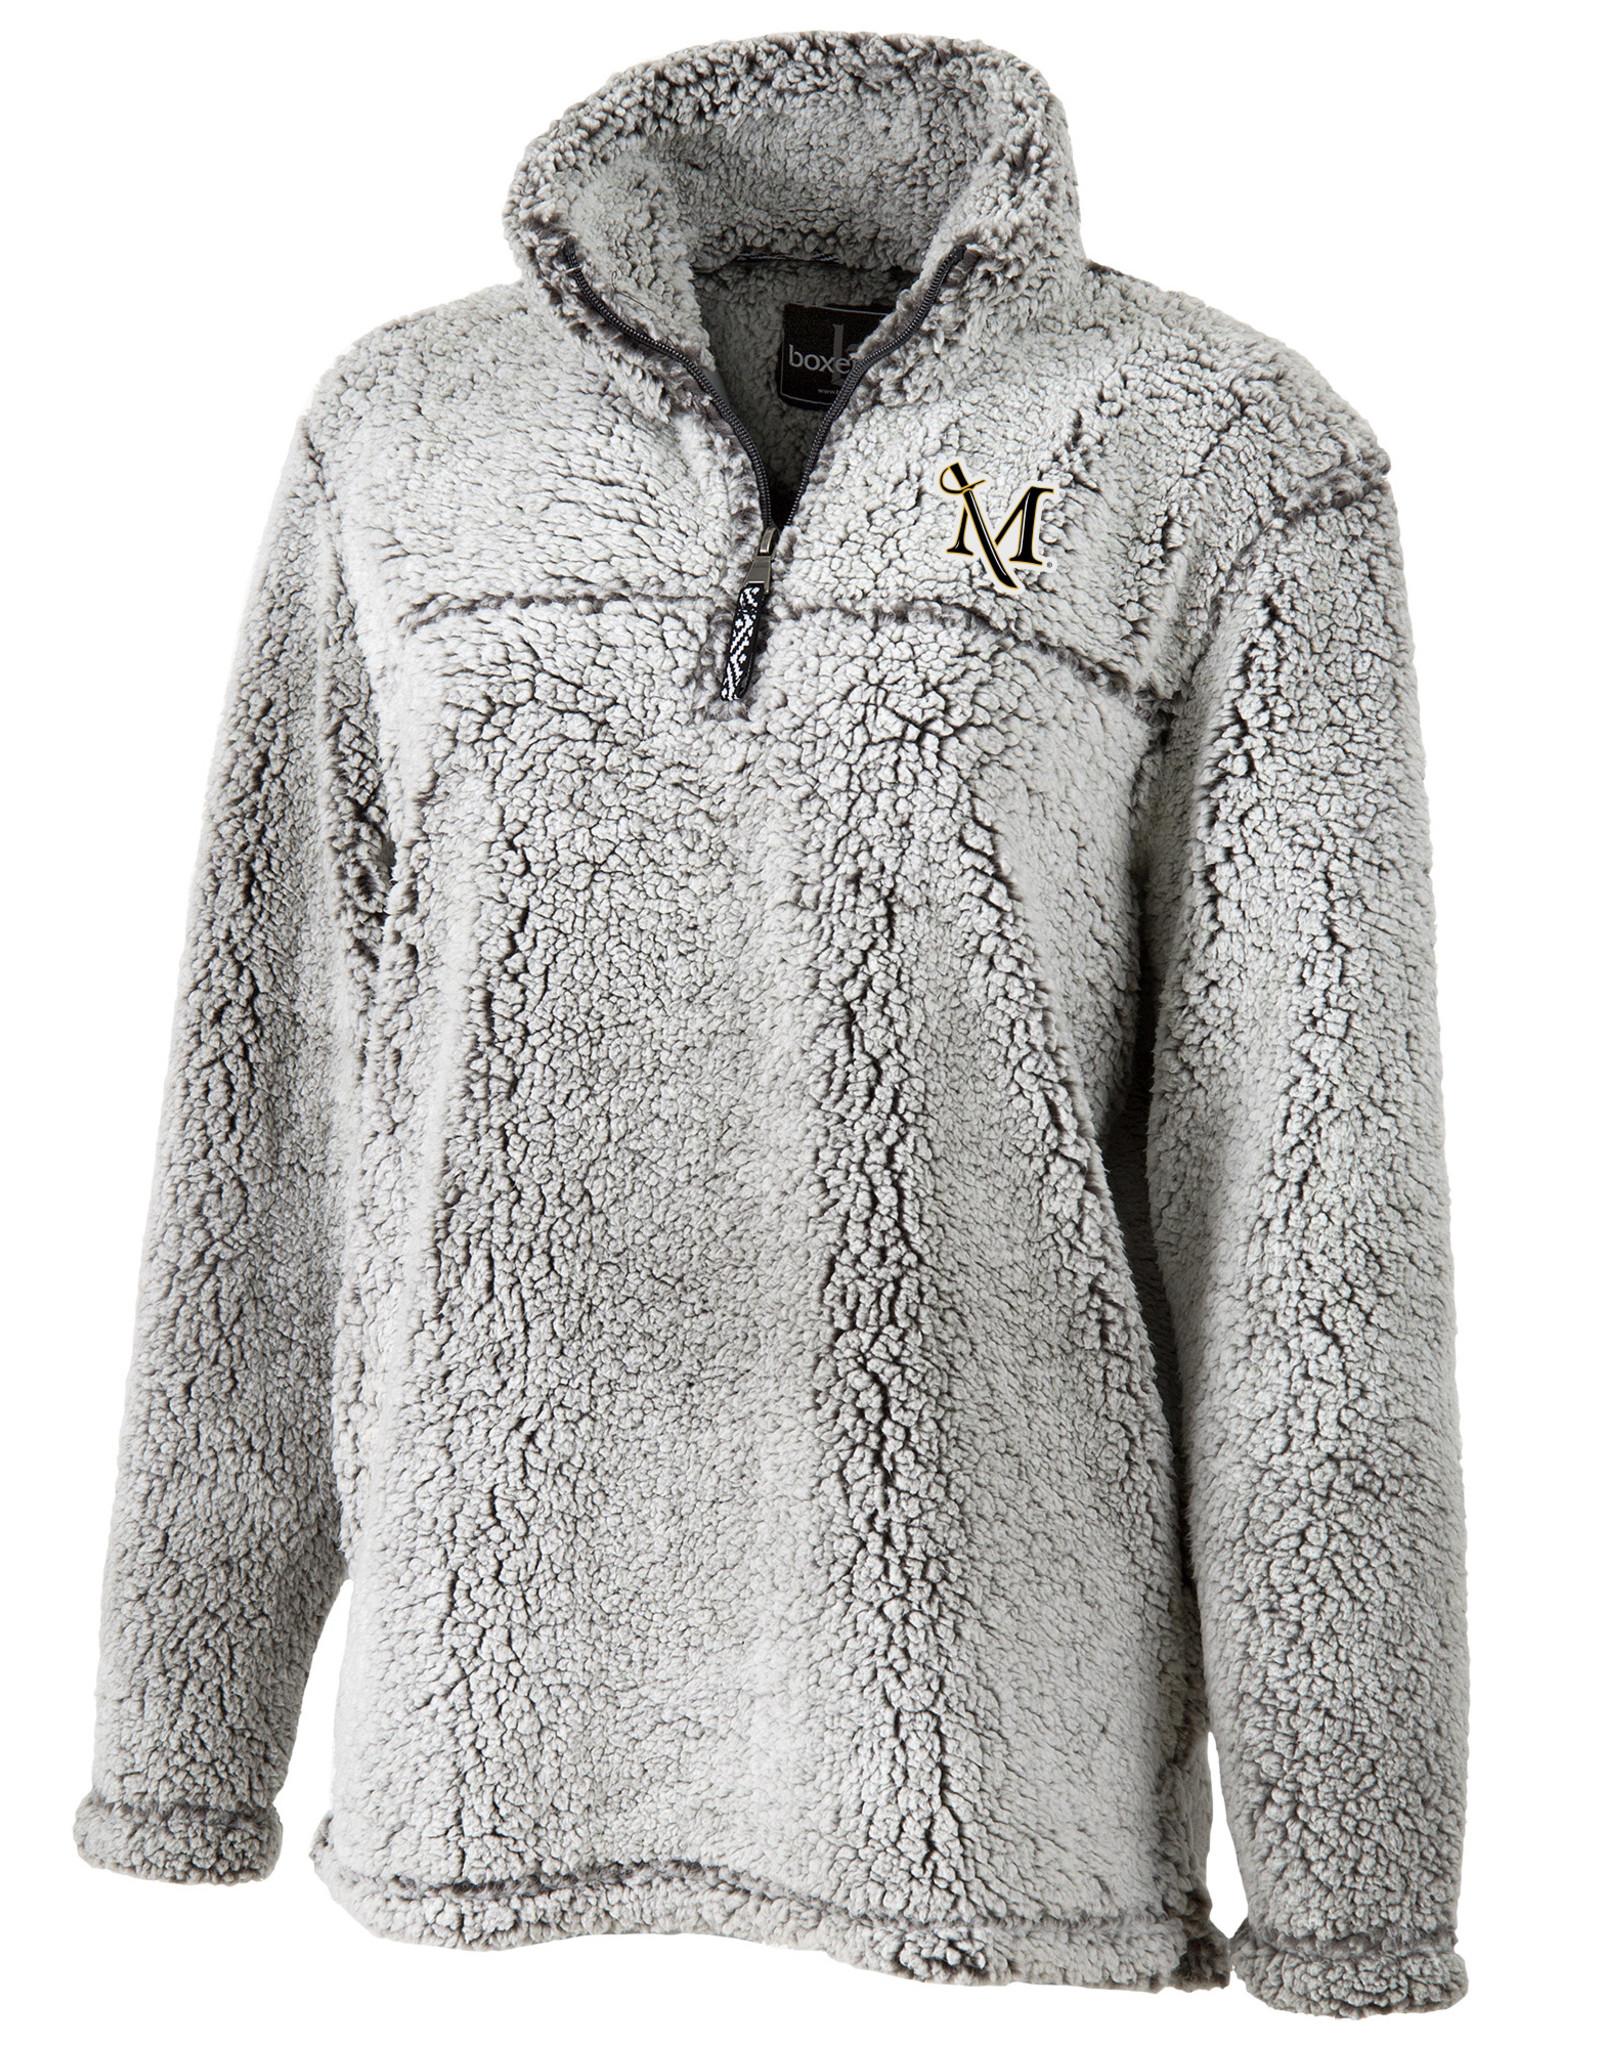 Frosty Grey Sherpa 1/4 Zip